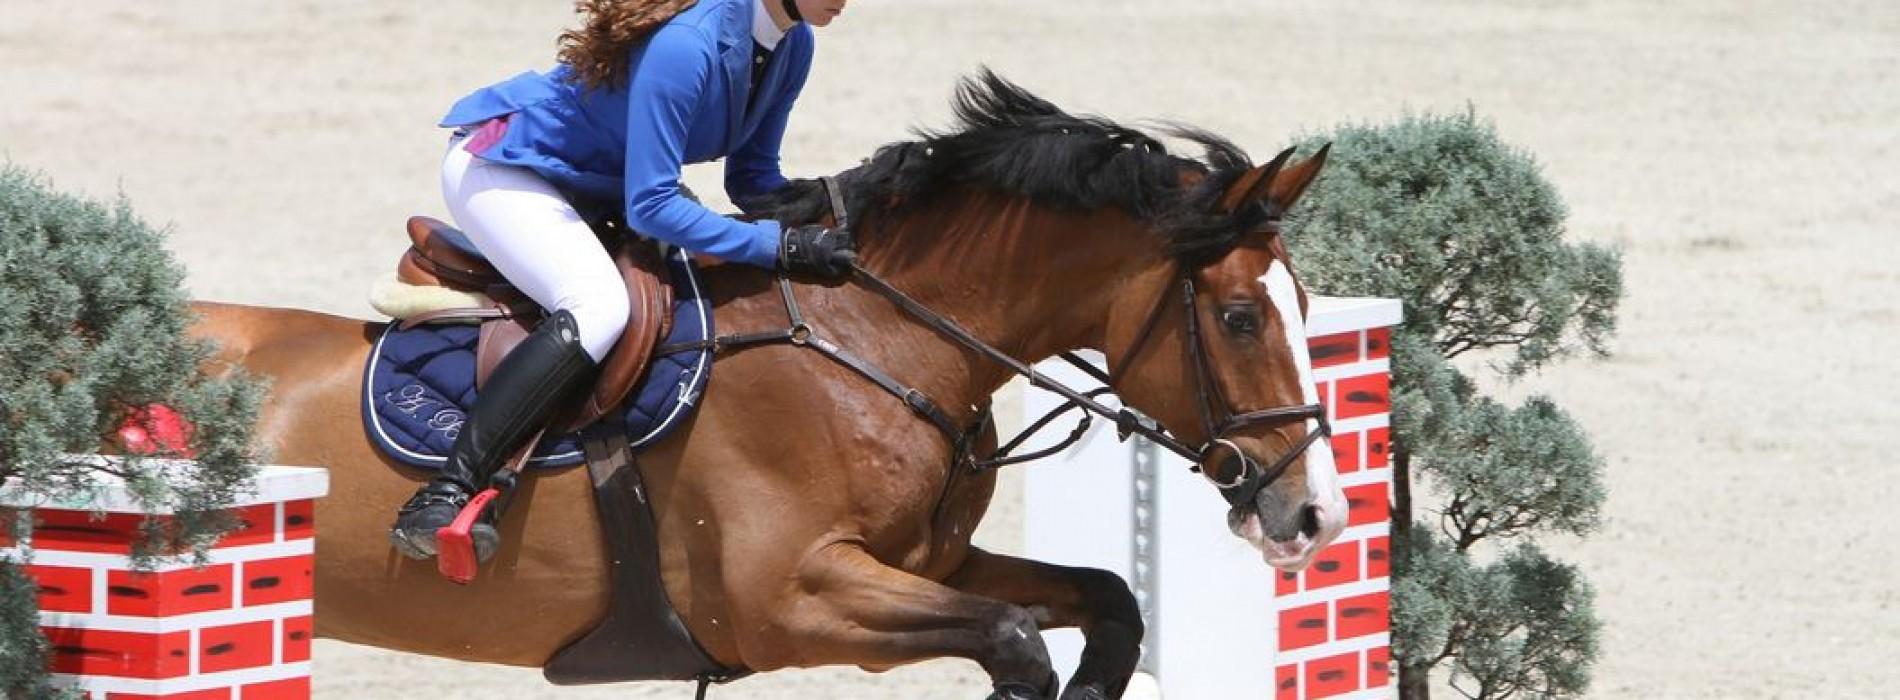 Finala celui mai mare circuit ecvestru, Salonul Calului, se desfășoară între 24 – 27 septembrie